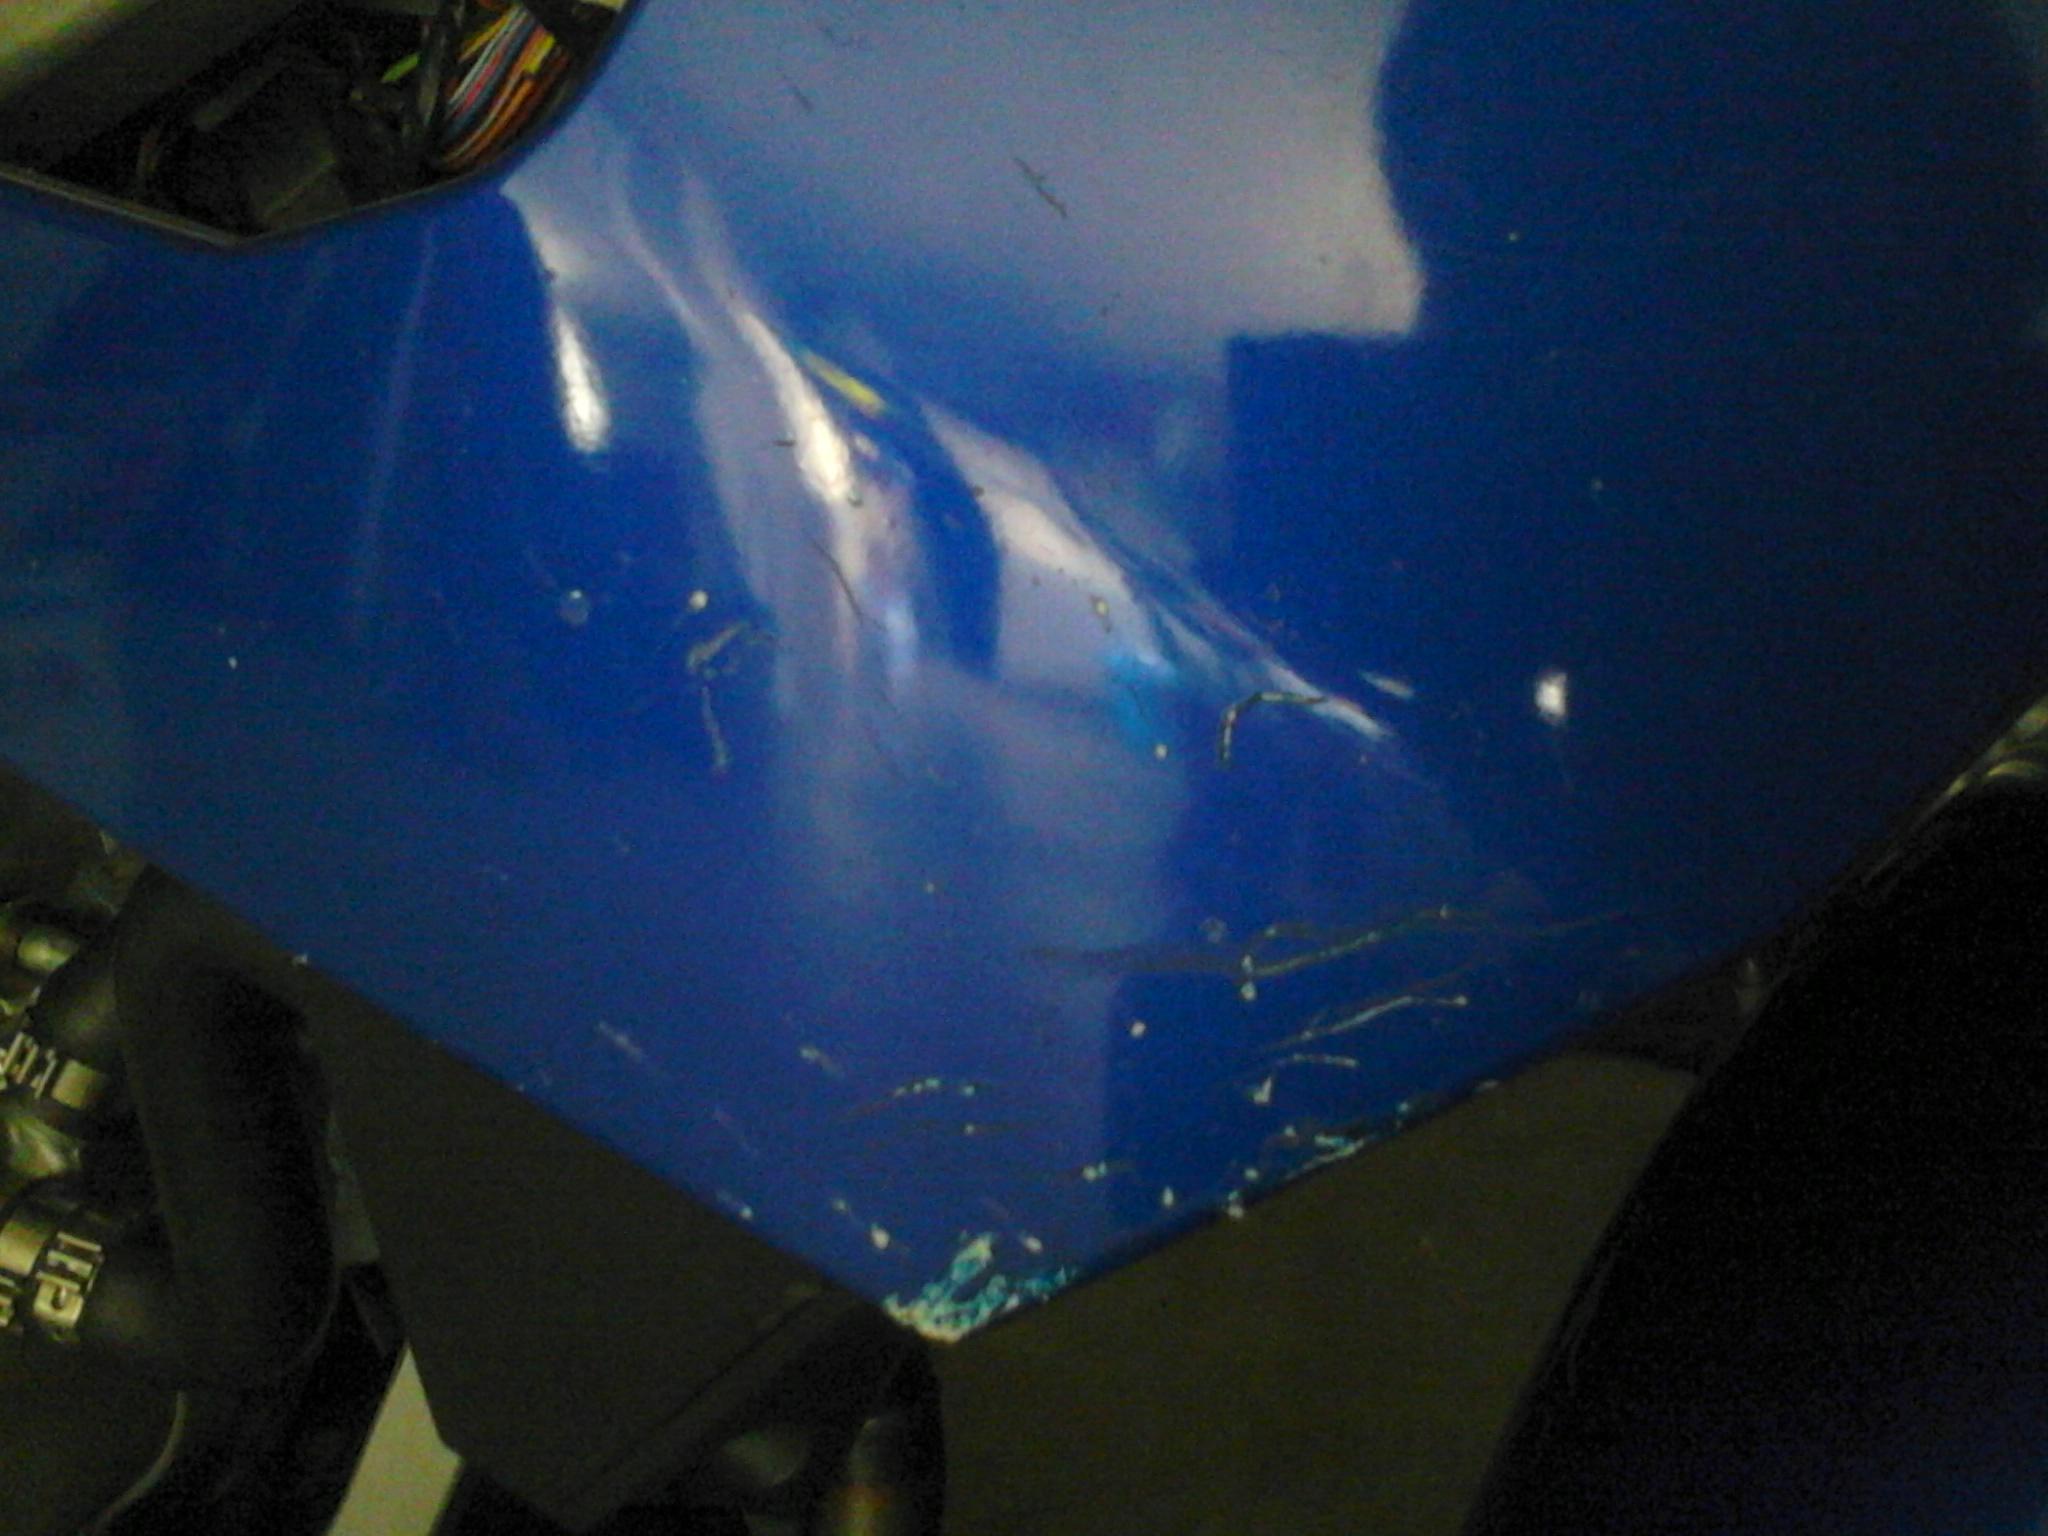 Cette photo vous montre plus ou moins bien les impacts que j'ai sur mon carénage droit.